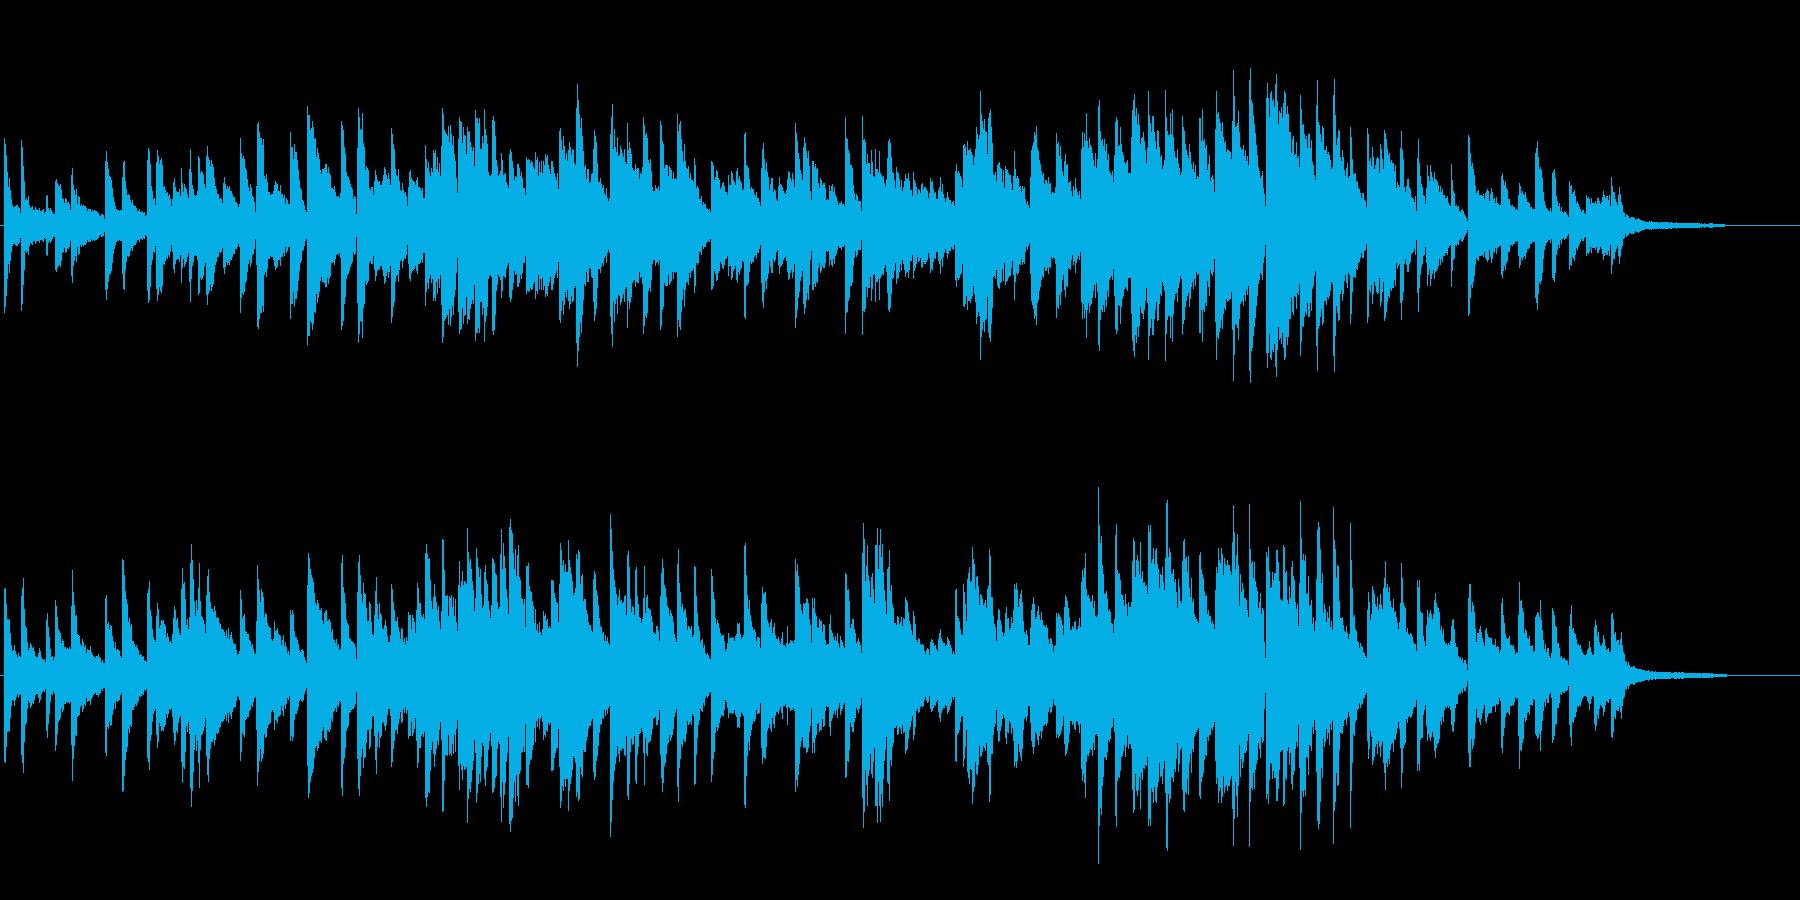 幻想的、和風な雰囲気もあるソロピアノCMの再生済みの波形